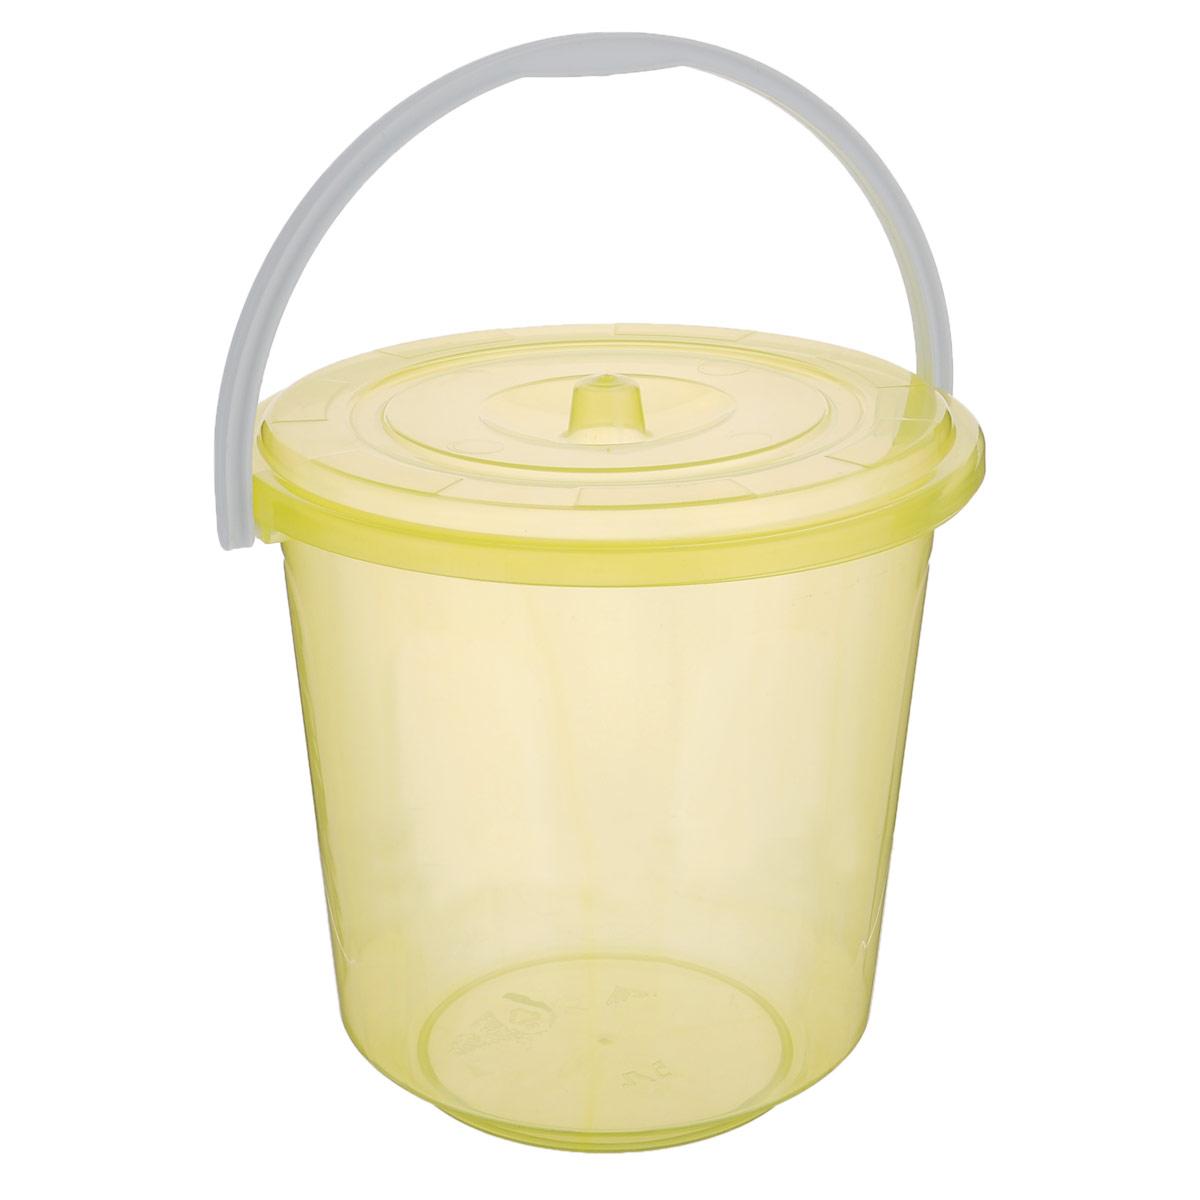 Ведро Альтернатива Хозяюшка, с крышкой, цвет: желтый, 5 лМ1178_желтыйКруглое ведро Альтернатива Хозяюшка изготовлено из высококачественногопластика. Оно легче железного и не подвержено коррозии. Ведро оснащеноудобной пластиковой ручкой и плотно прилегающей крышкой. Такое ведро станет незаменимым помощником в хозяйстве. Диаметр (по верхнему краю): 21 см. Высота (без учета крышки): 21 см.